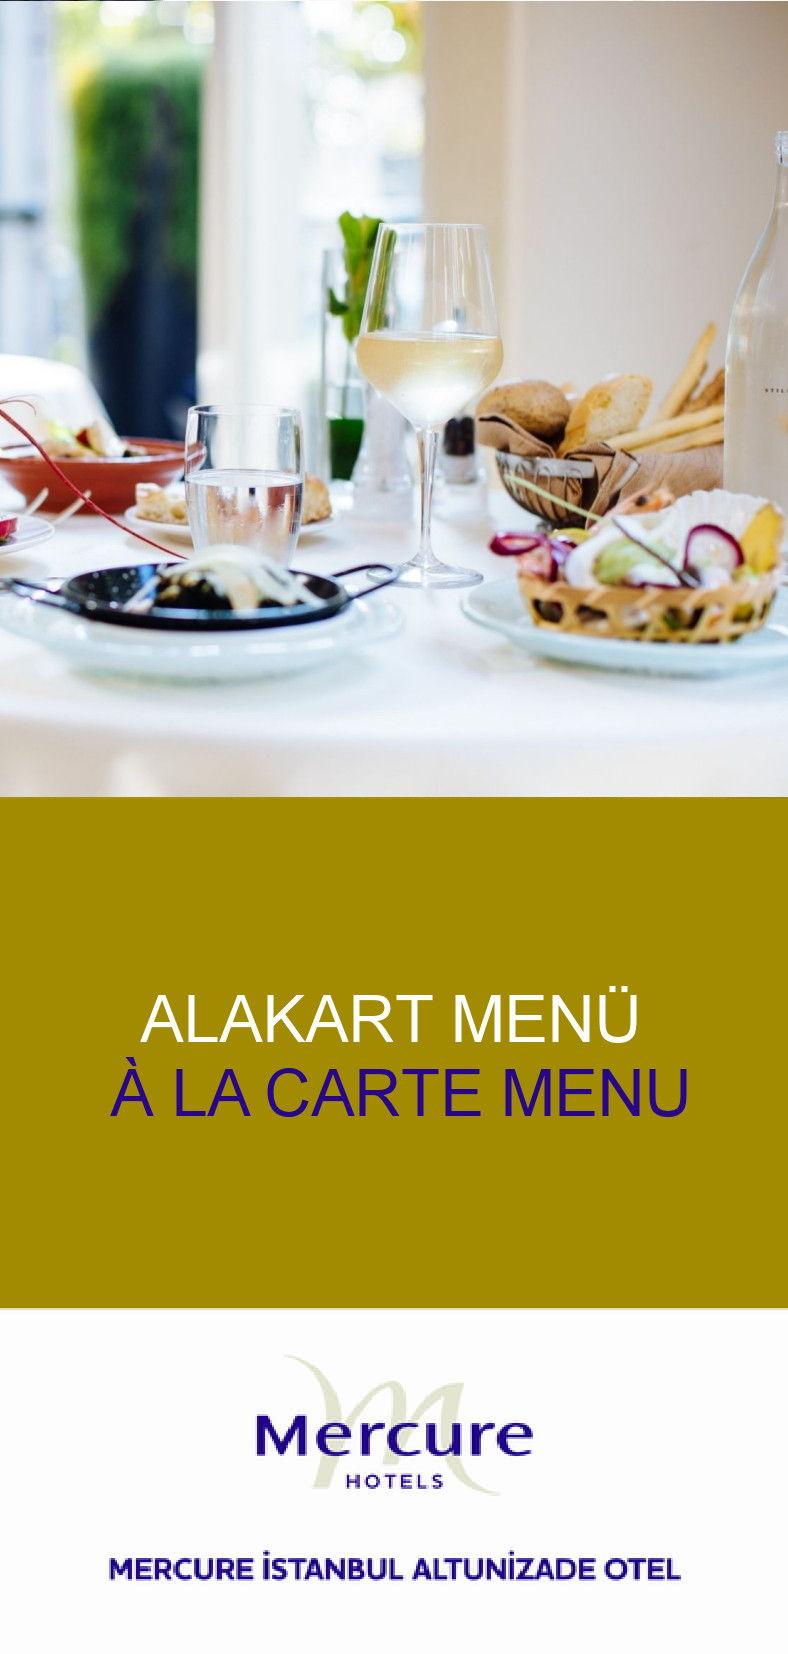 A'la carte menu